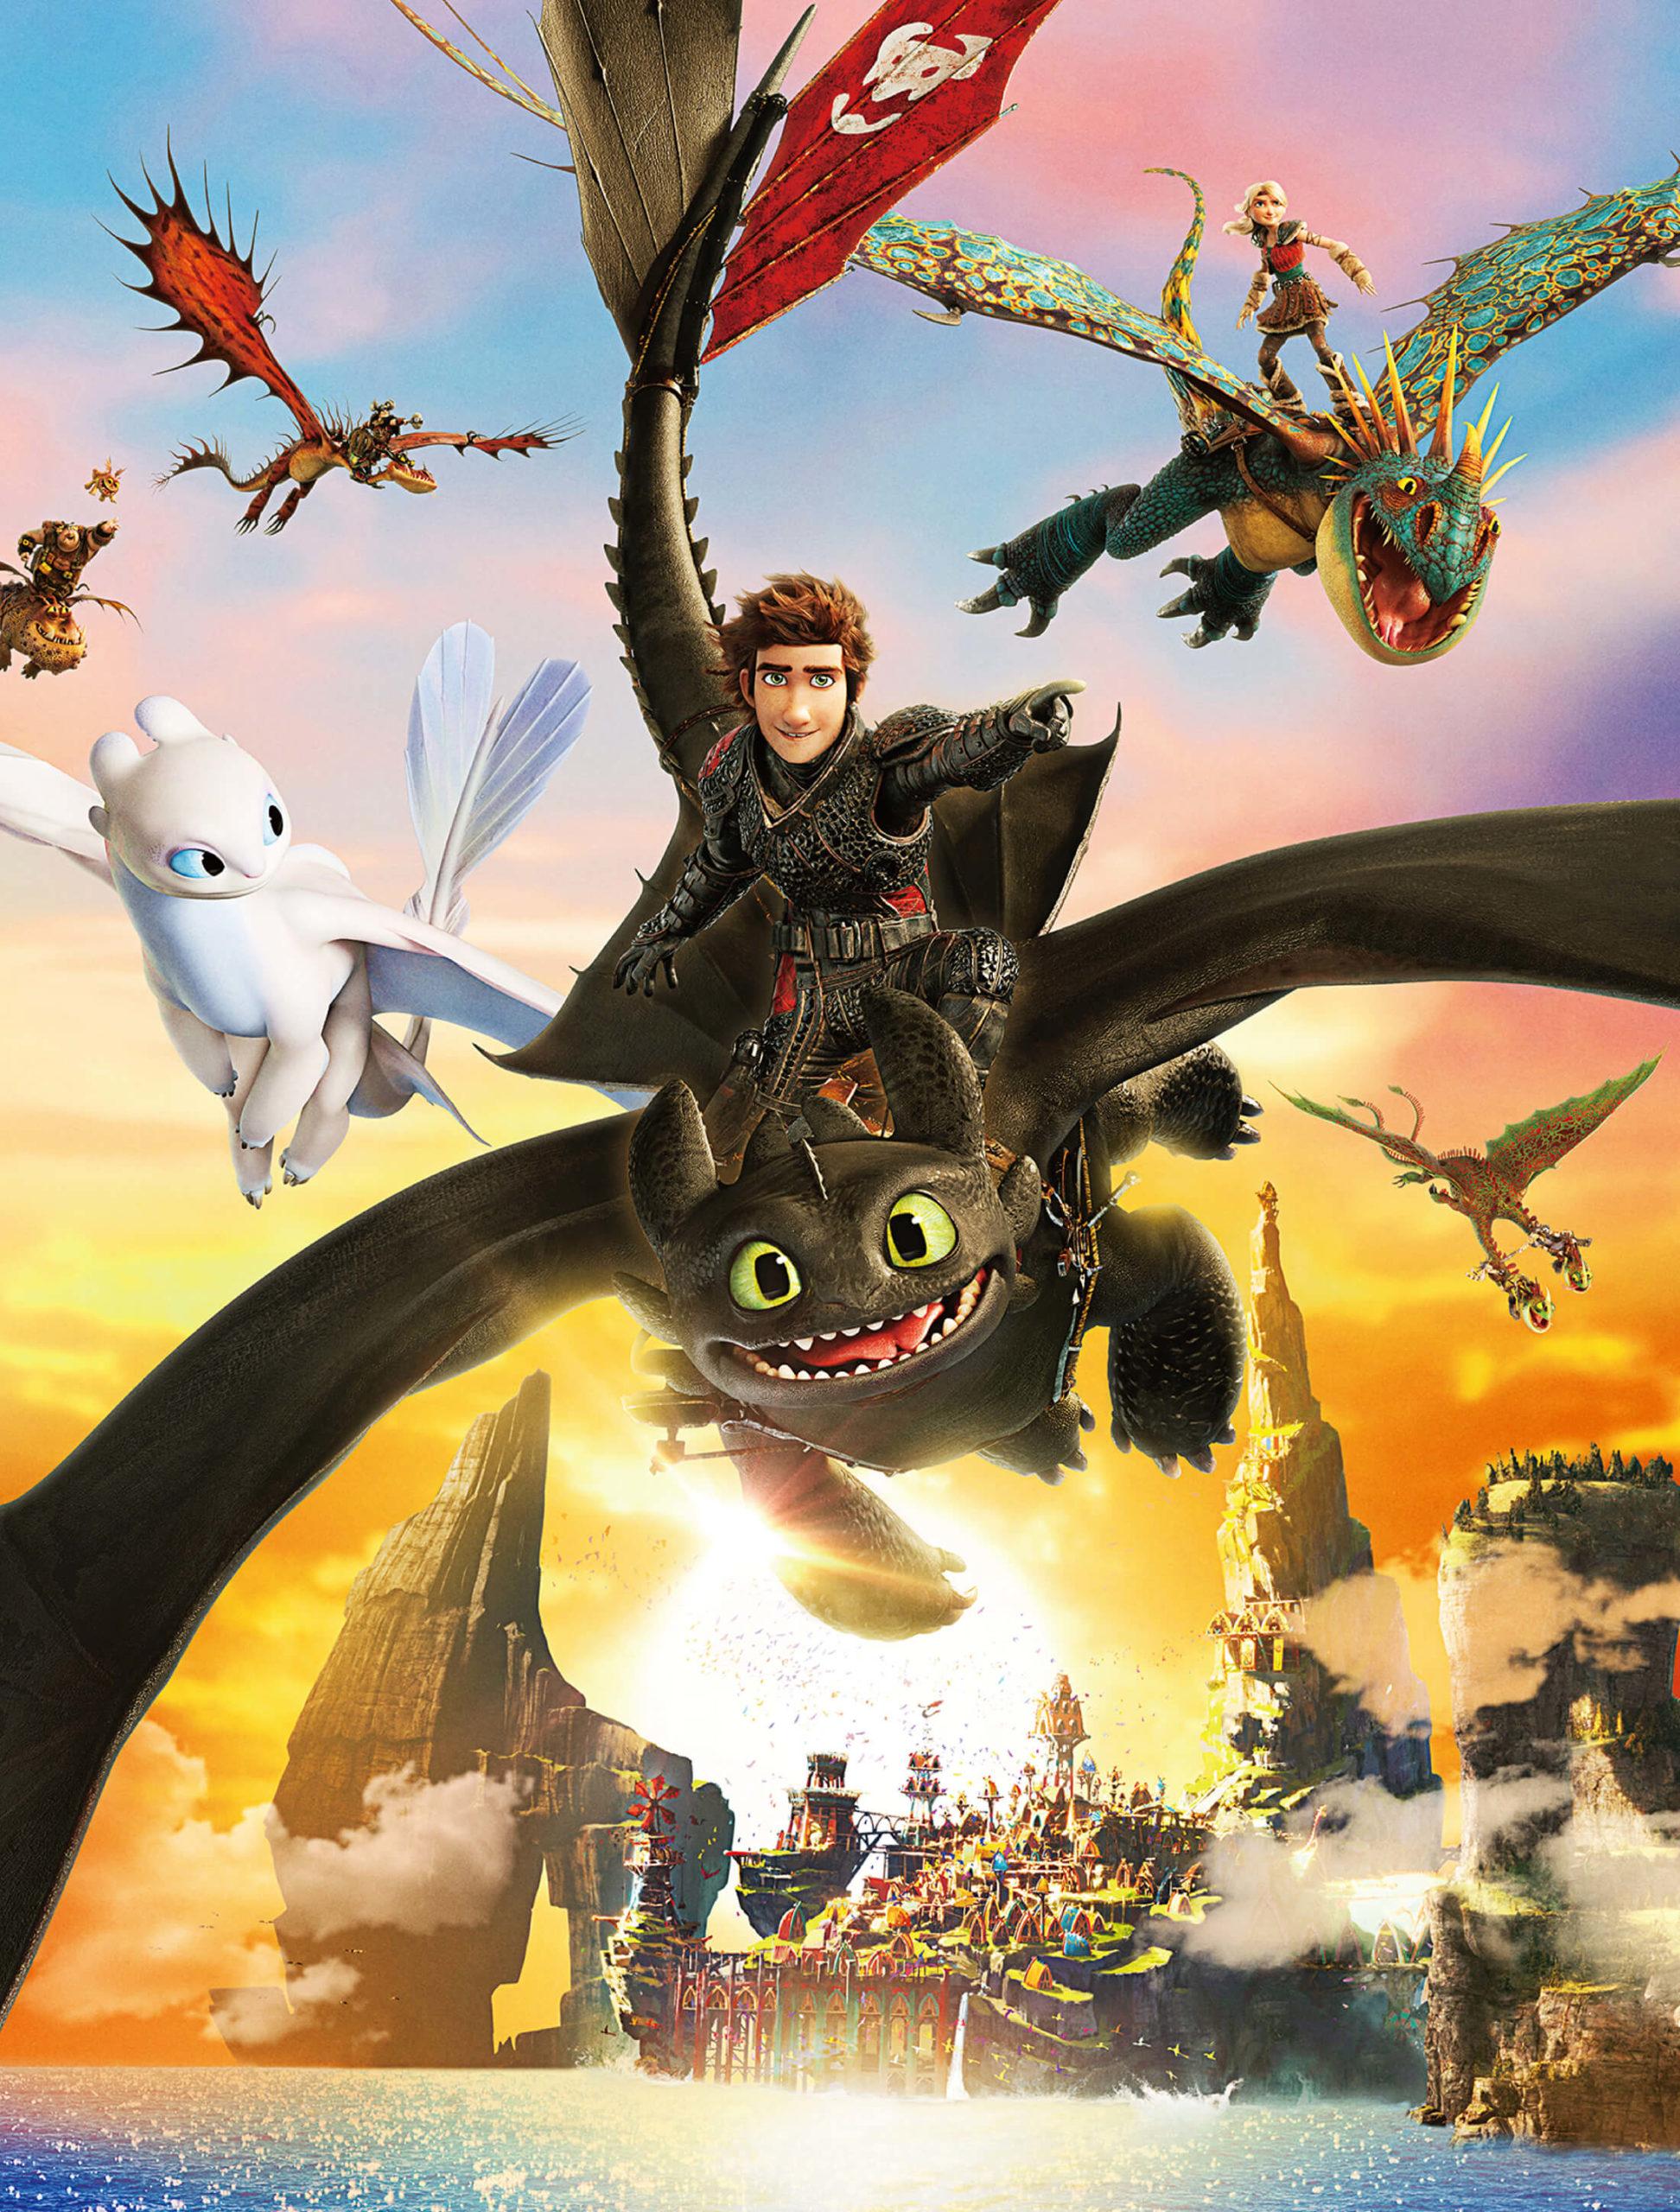 ヒックとドラゴン聖地への冒険 画像